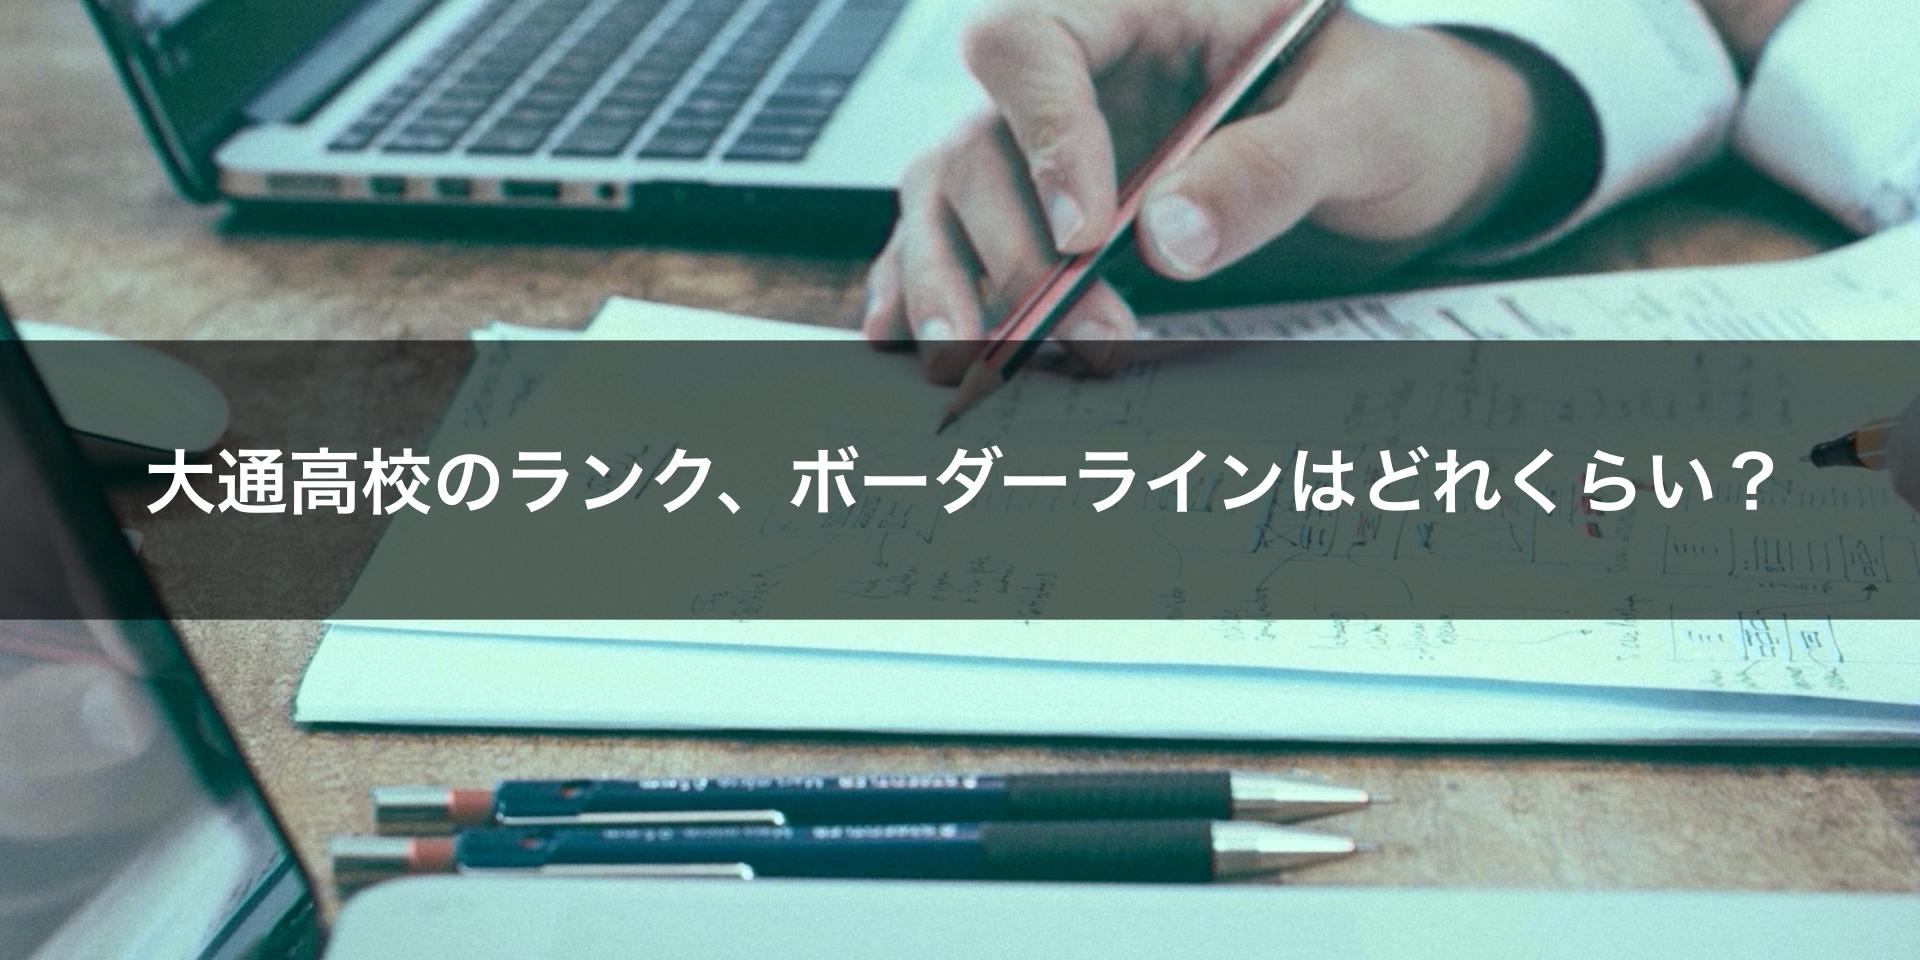 札幌大通高校のランク、ボーダーラインはどれくらい?